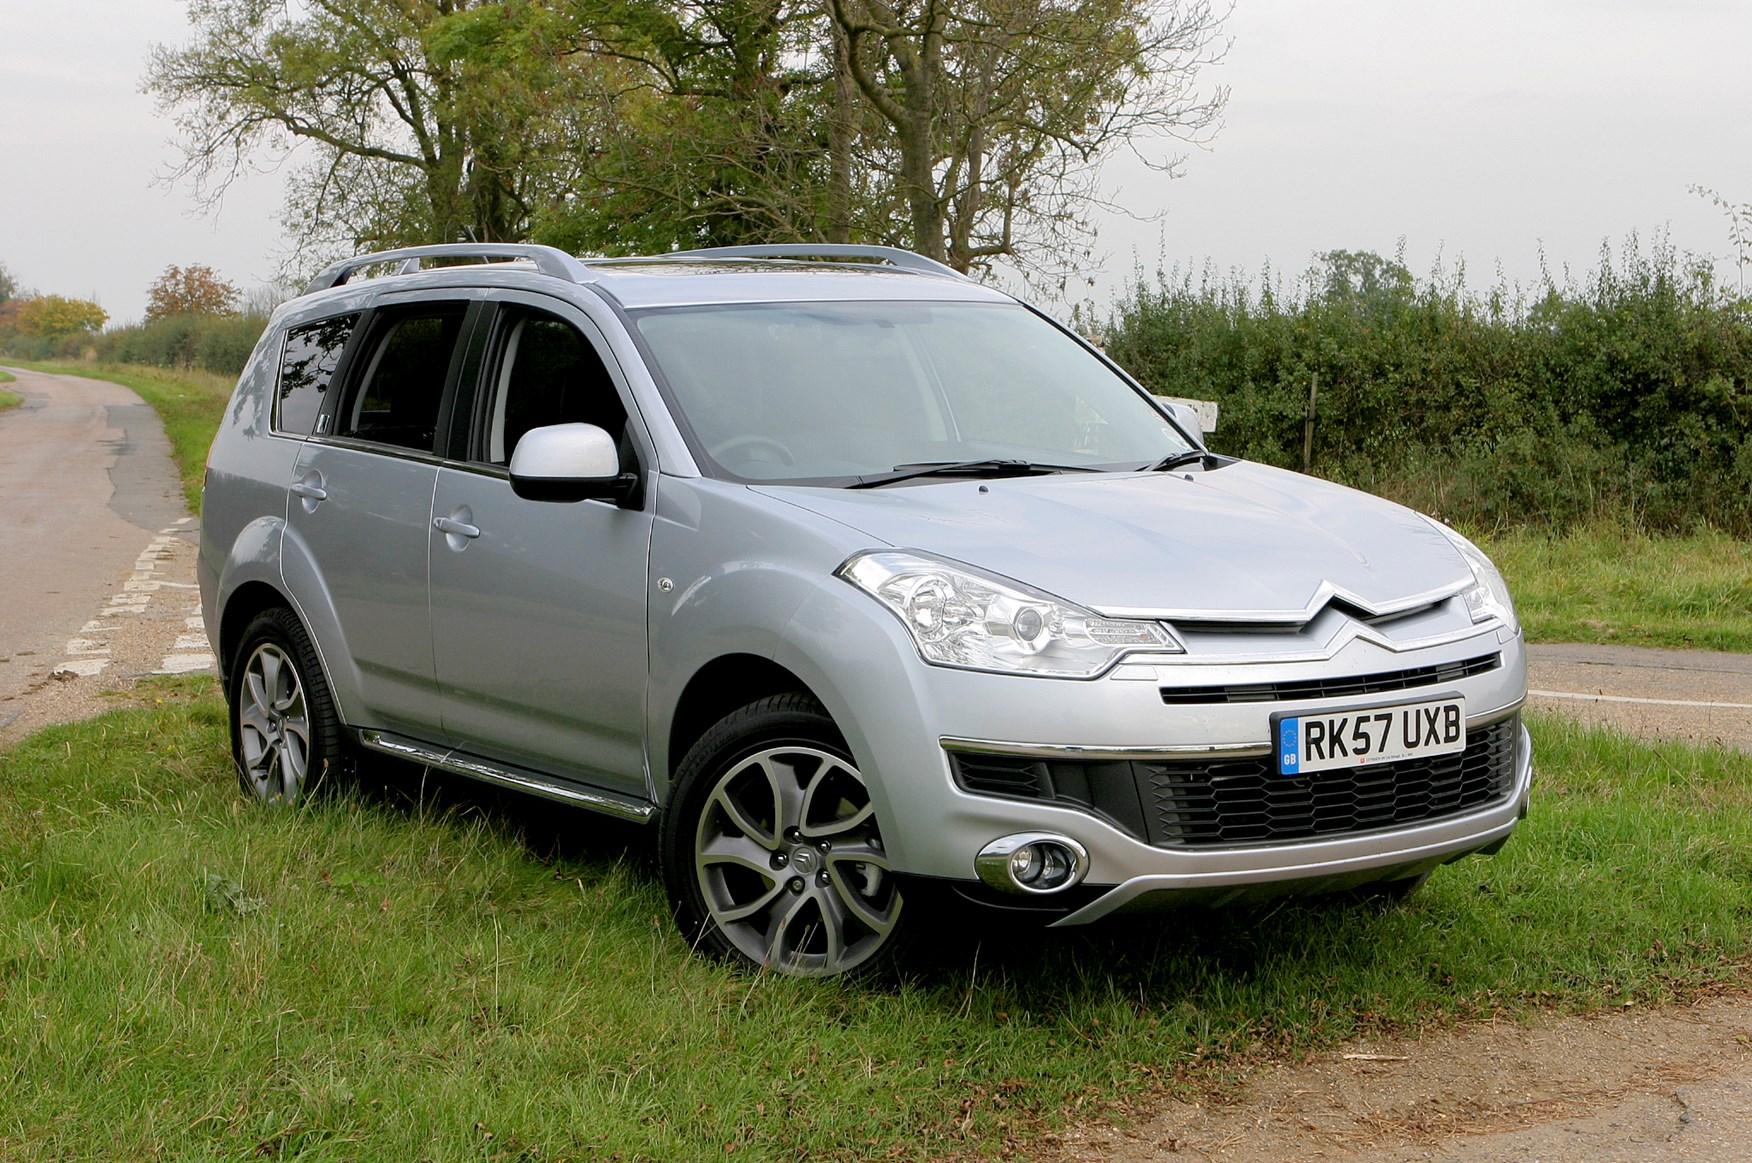 Citroen C4 Cactus >> Citroën C-Crosser Estate Review (2007 - 2012)   Parkers